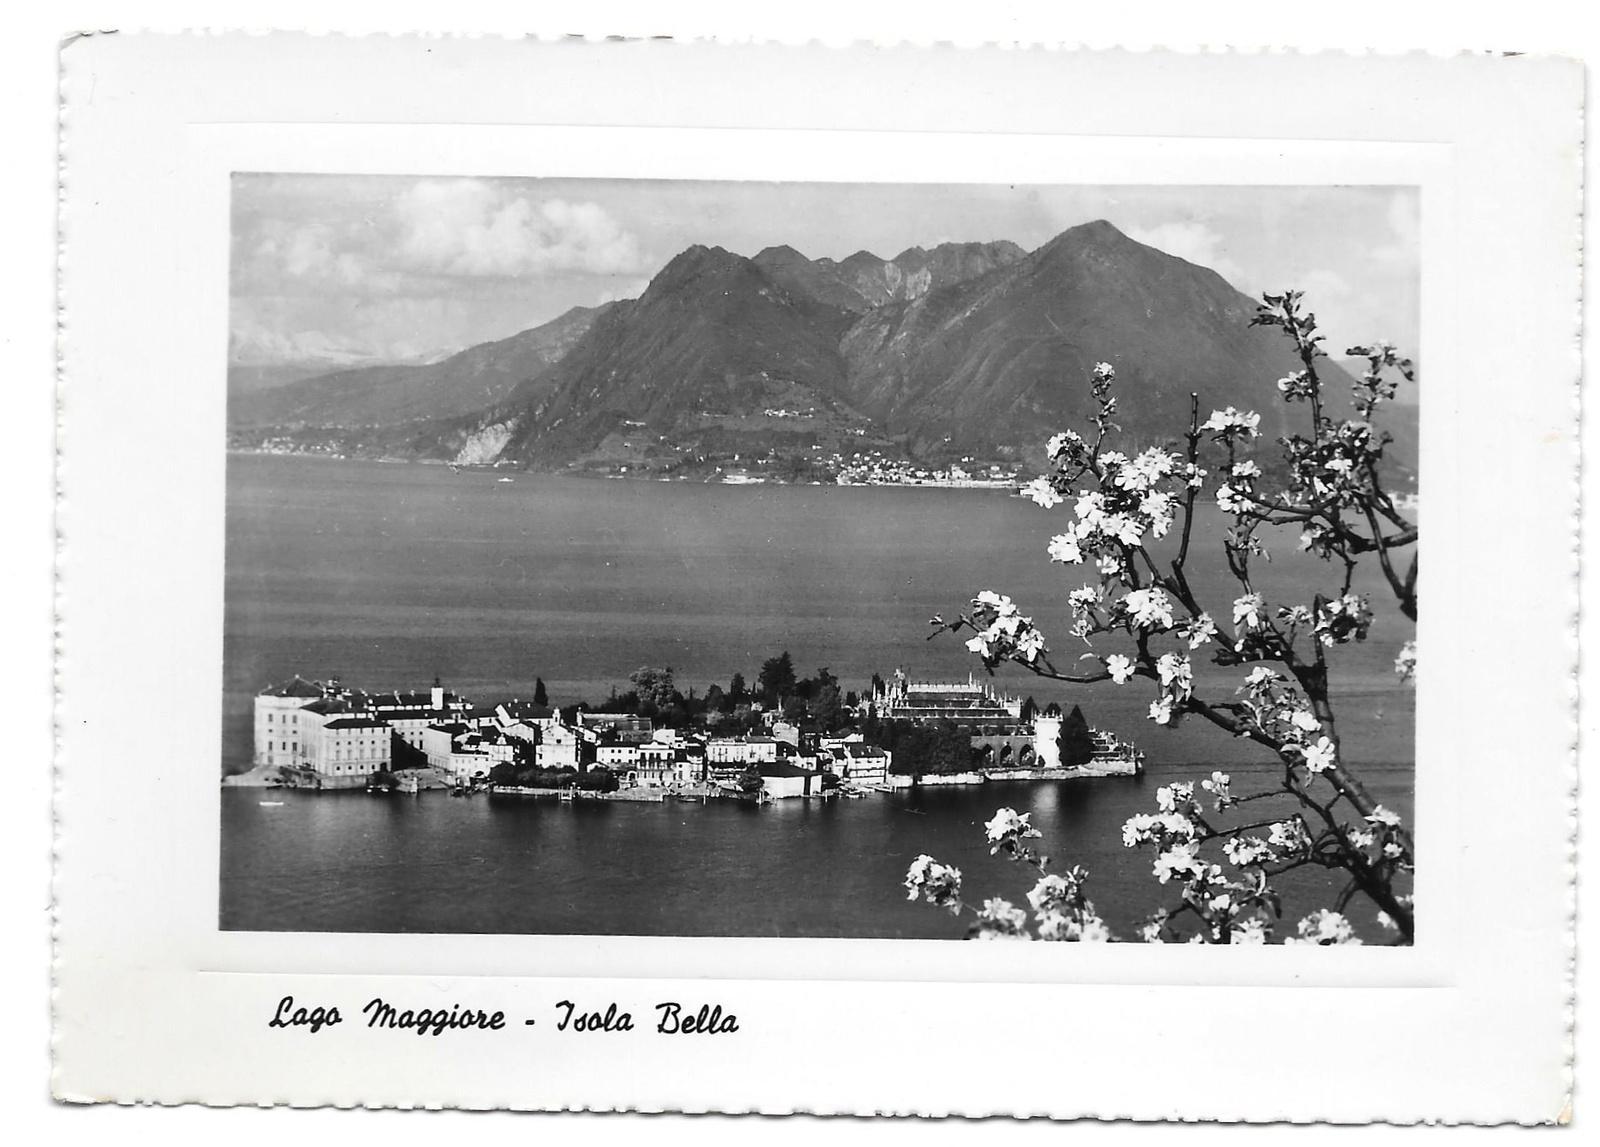 95 italy lago maggiore isola bella